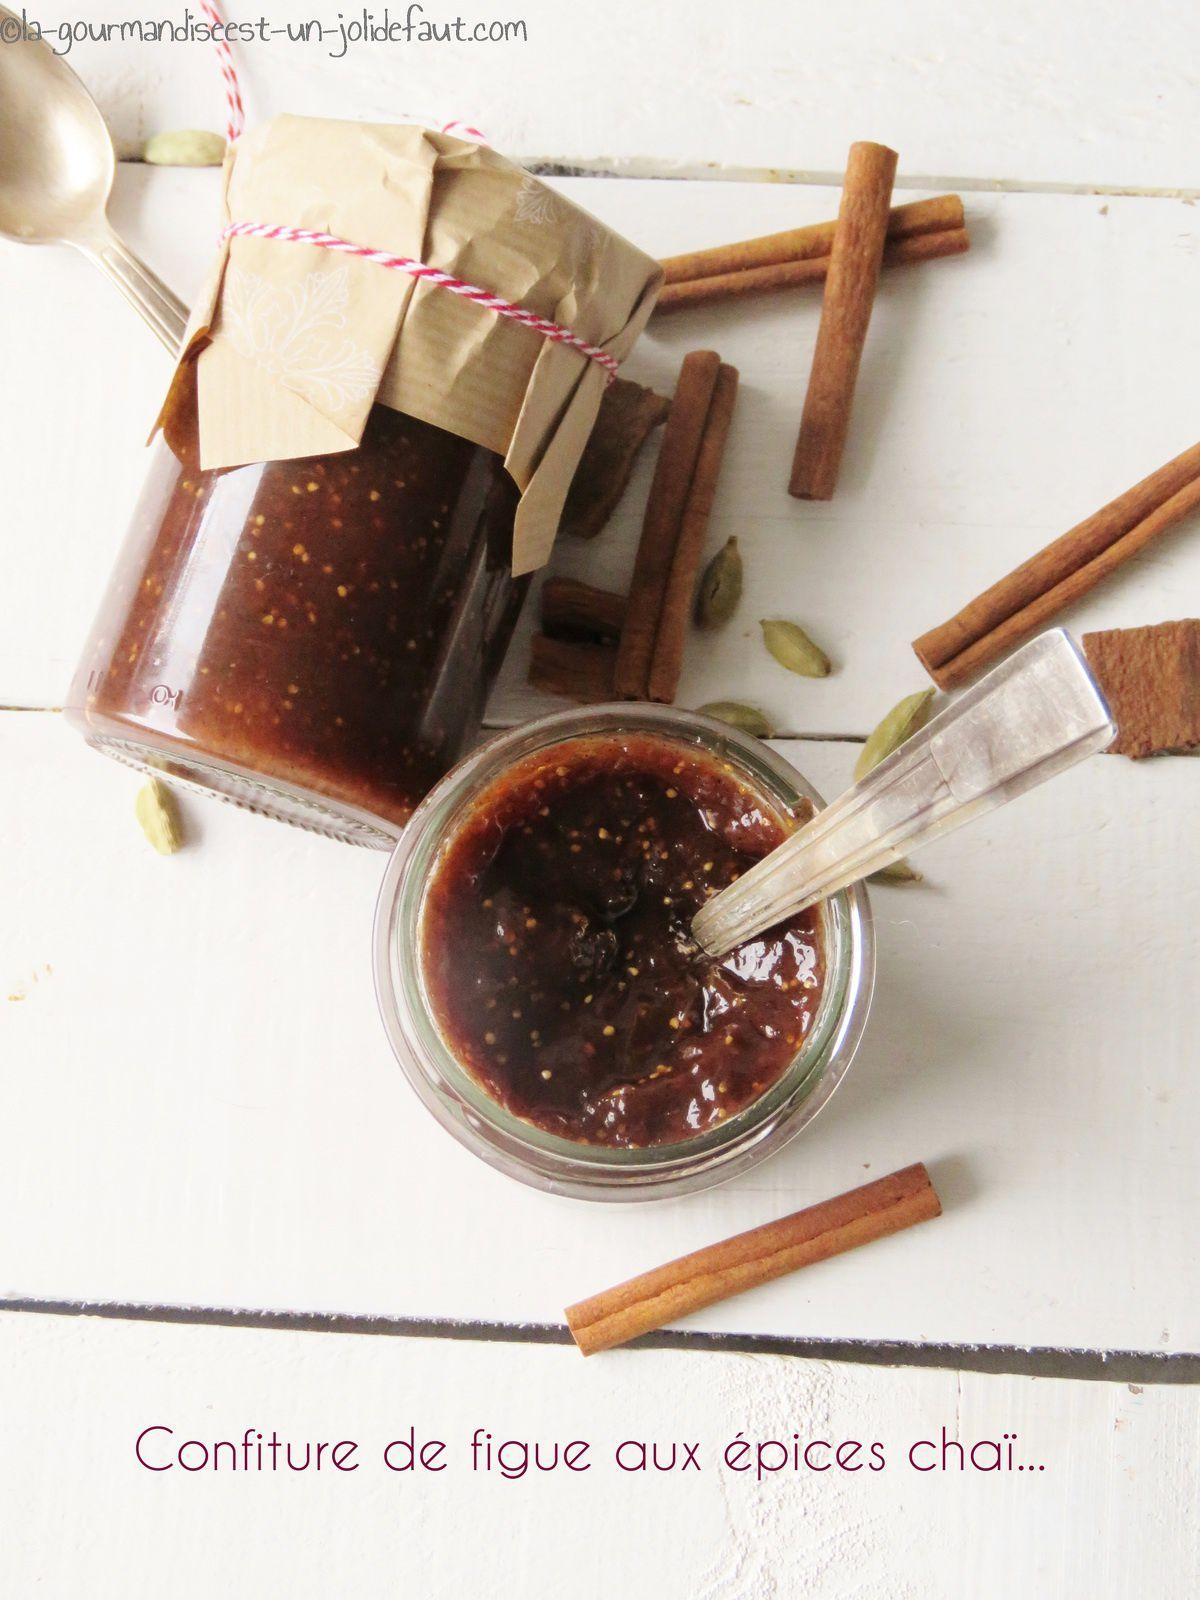 Confiture de figue aux épices chaï